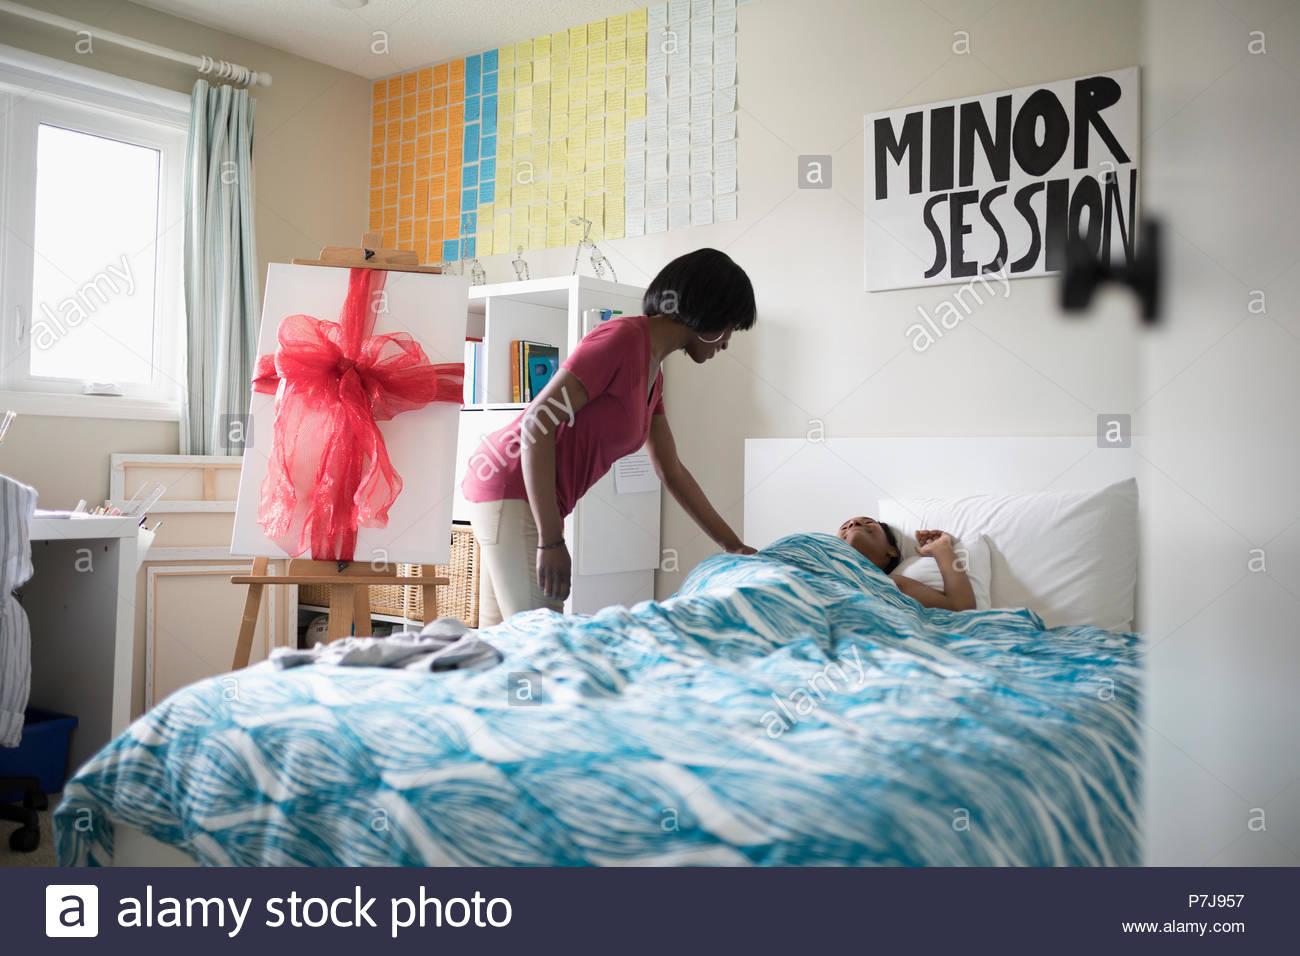 Madre veglia figlia adolescente dormire nel letto con sorpresa regalo di compleanno Immagini Stock